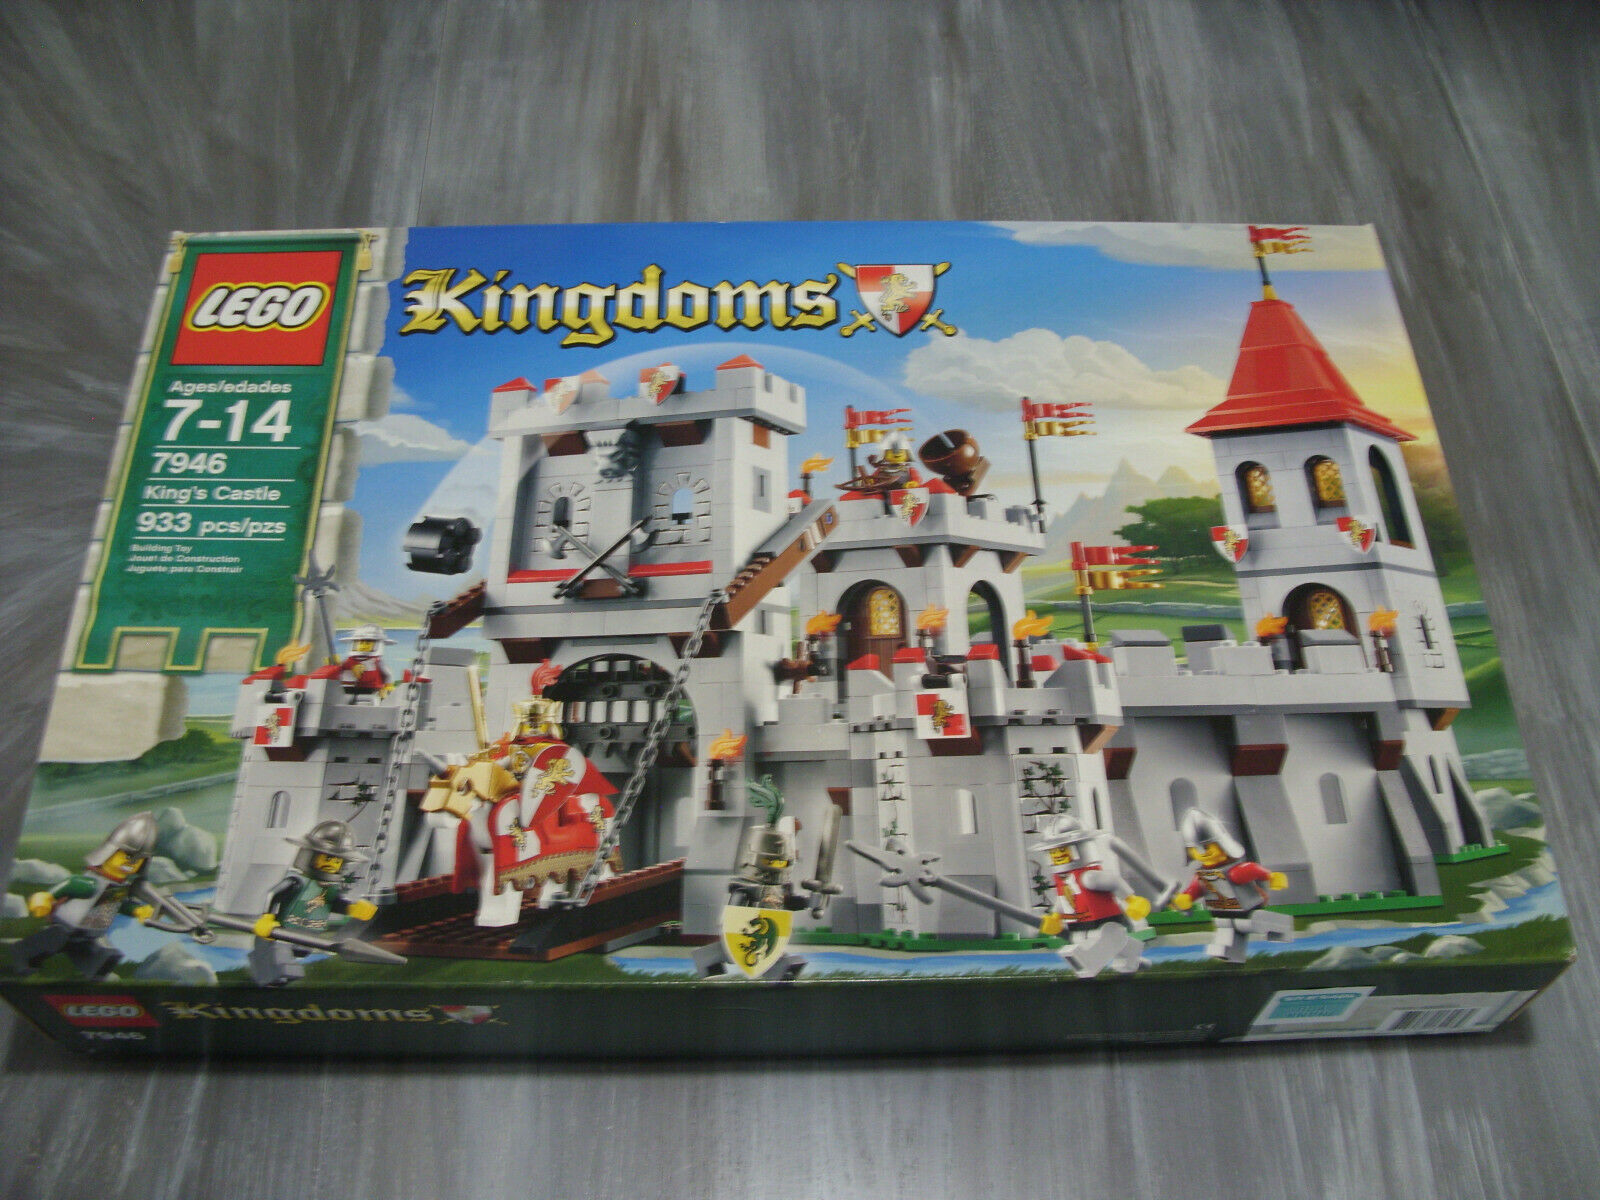 Lego Kingdoms  7946 King's Castle nouveau & Sealed   933 pieces  magasin d'usine